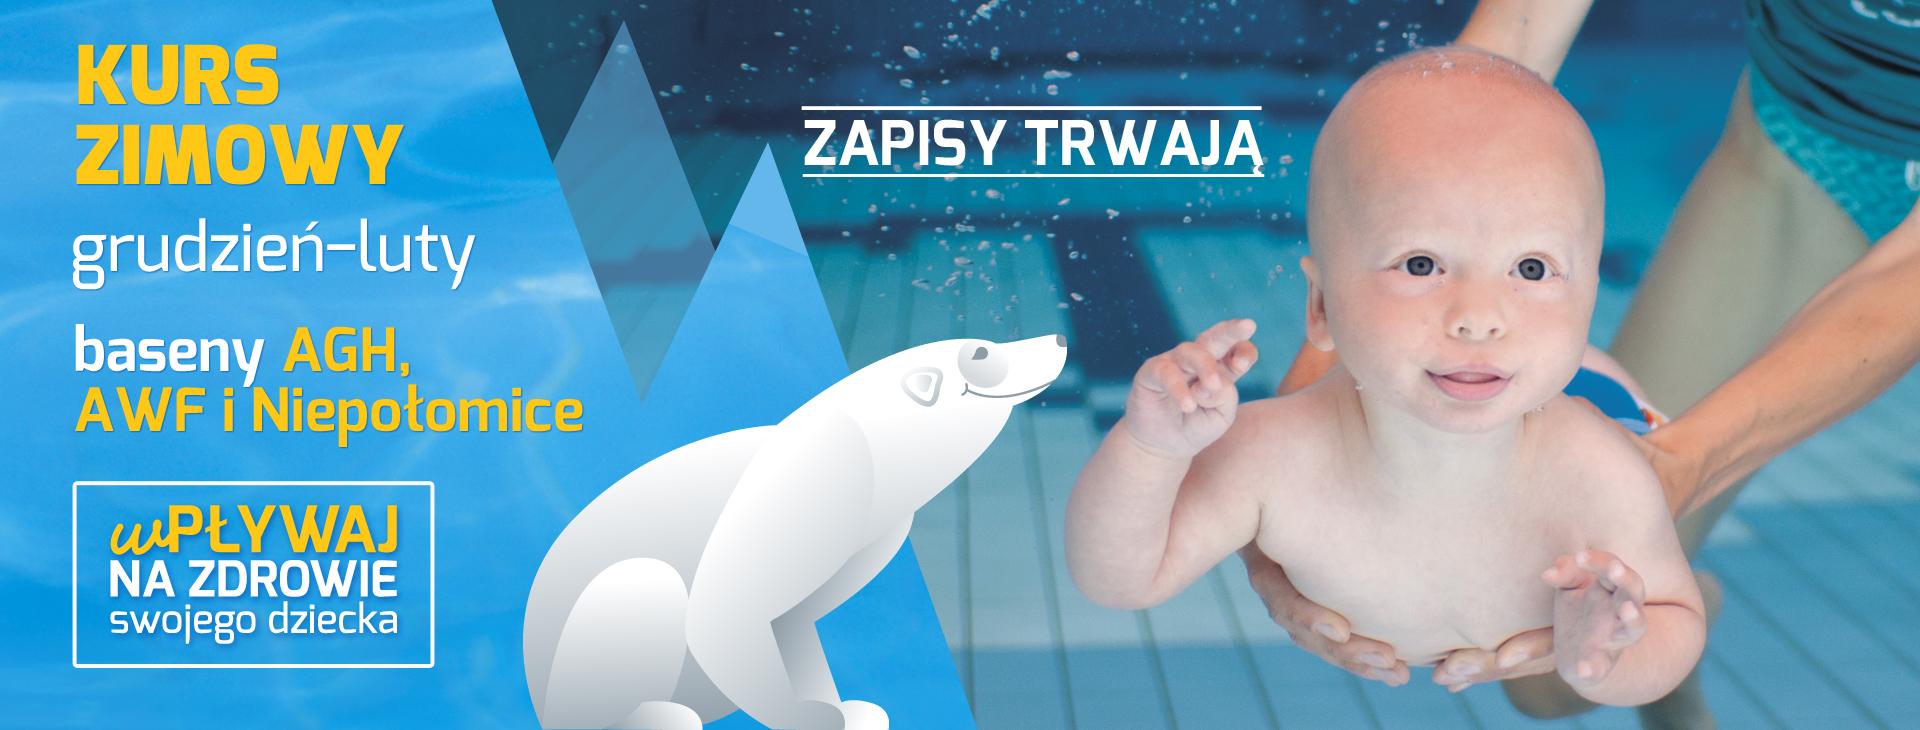 Zajęcia na basenie dla niemowląt - zapisy trwają!